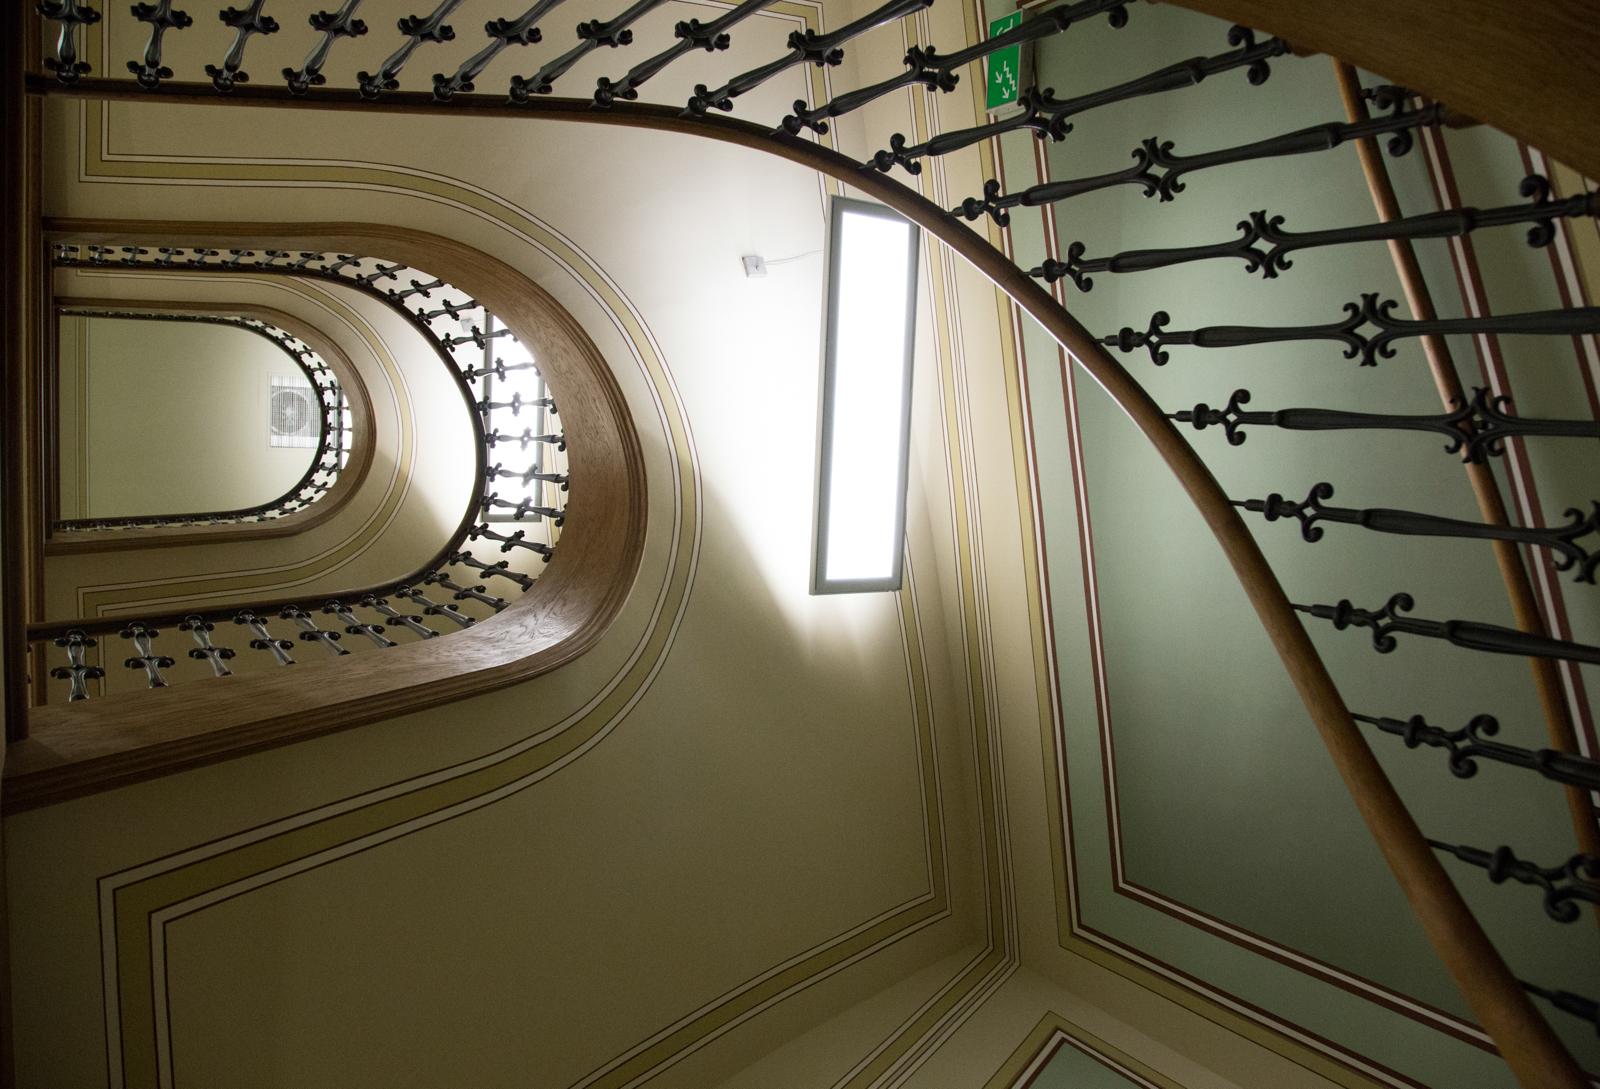 Klatka w kamienicy Zalmana Nożyka prowadziła do znajdującego się na pierwszym piętrze mieszkania właściciela i wyżej, do wynajmowanych przez niego lokali (fot. Luka Łukasiak)